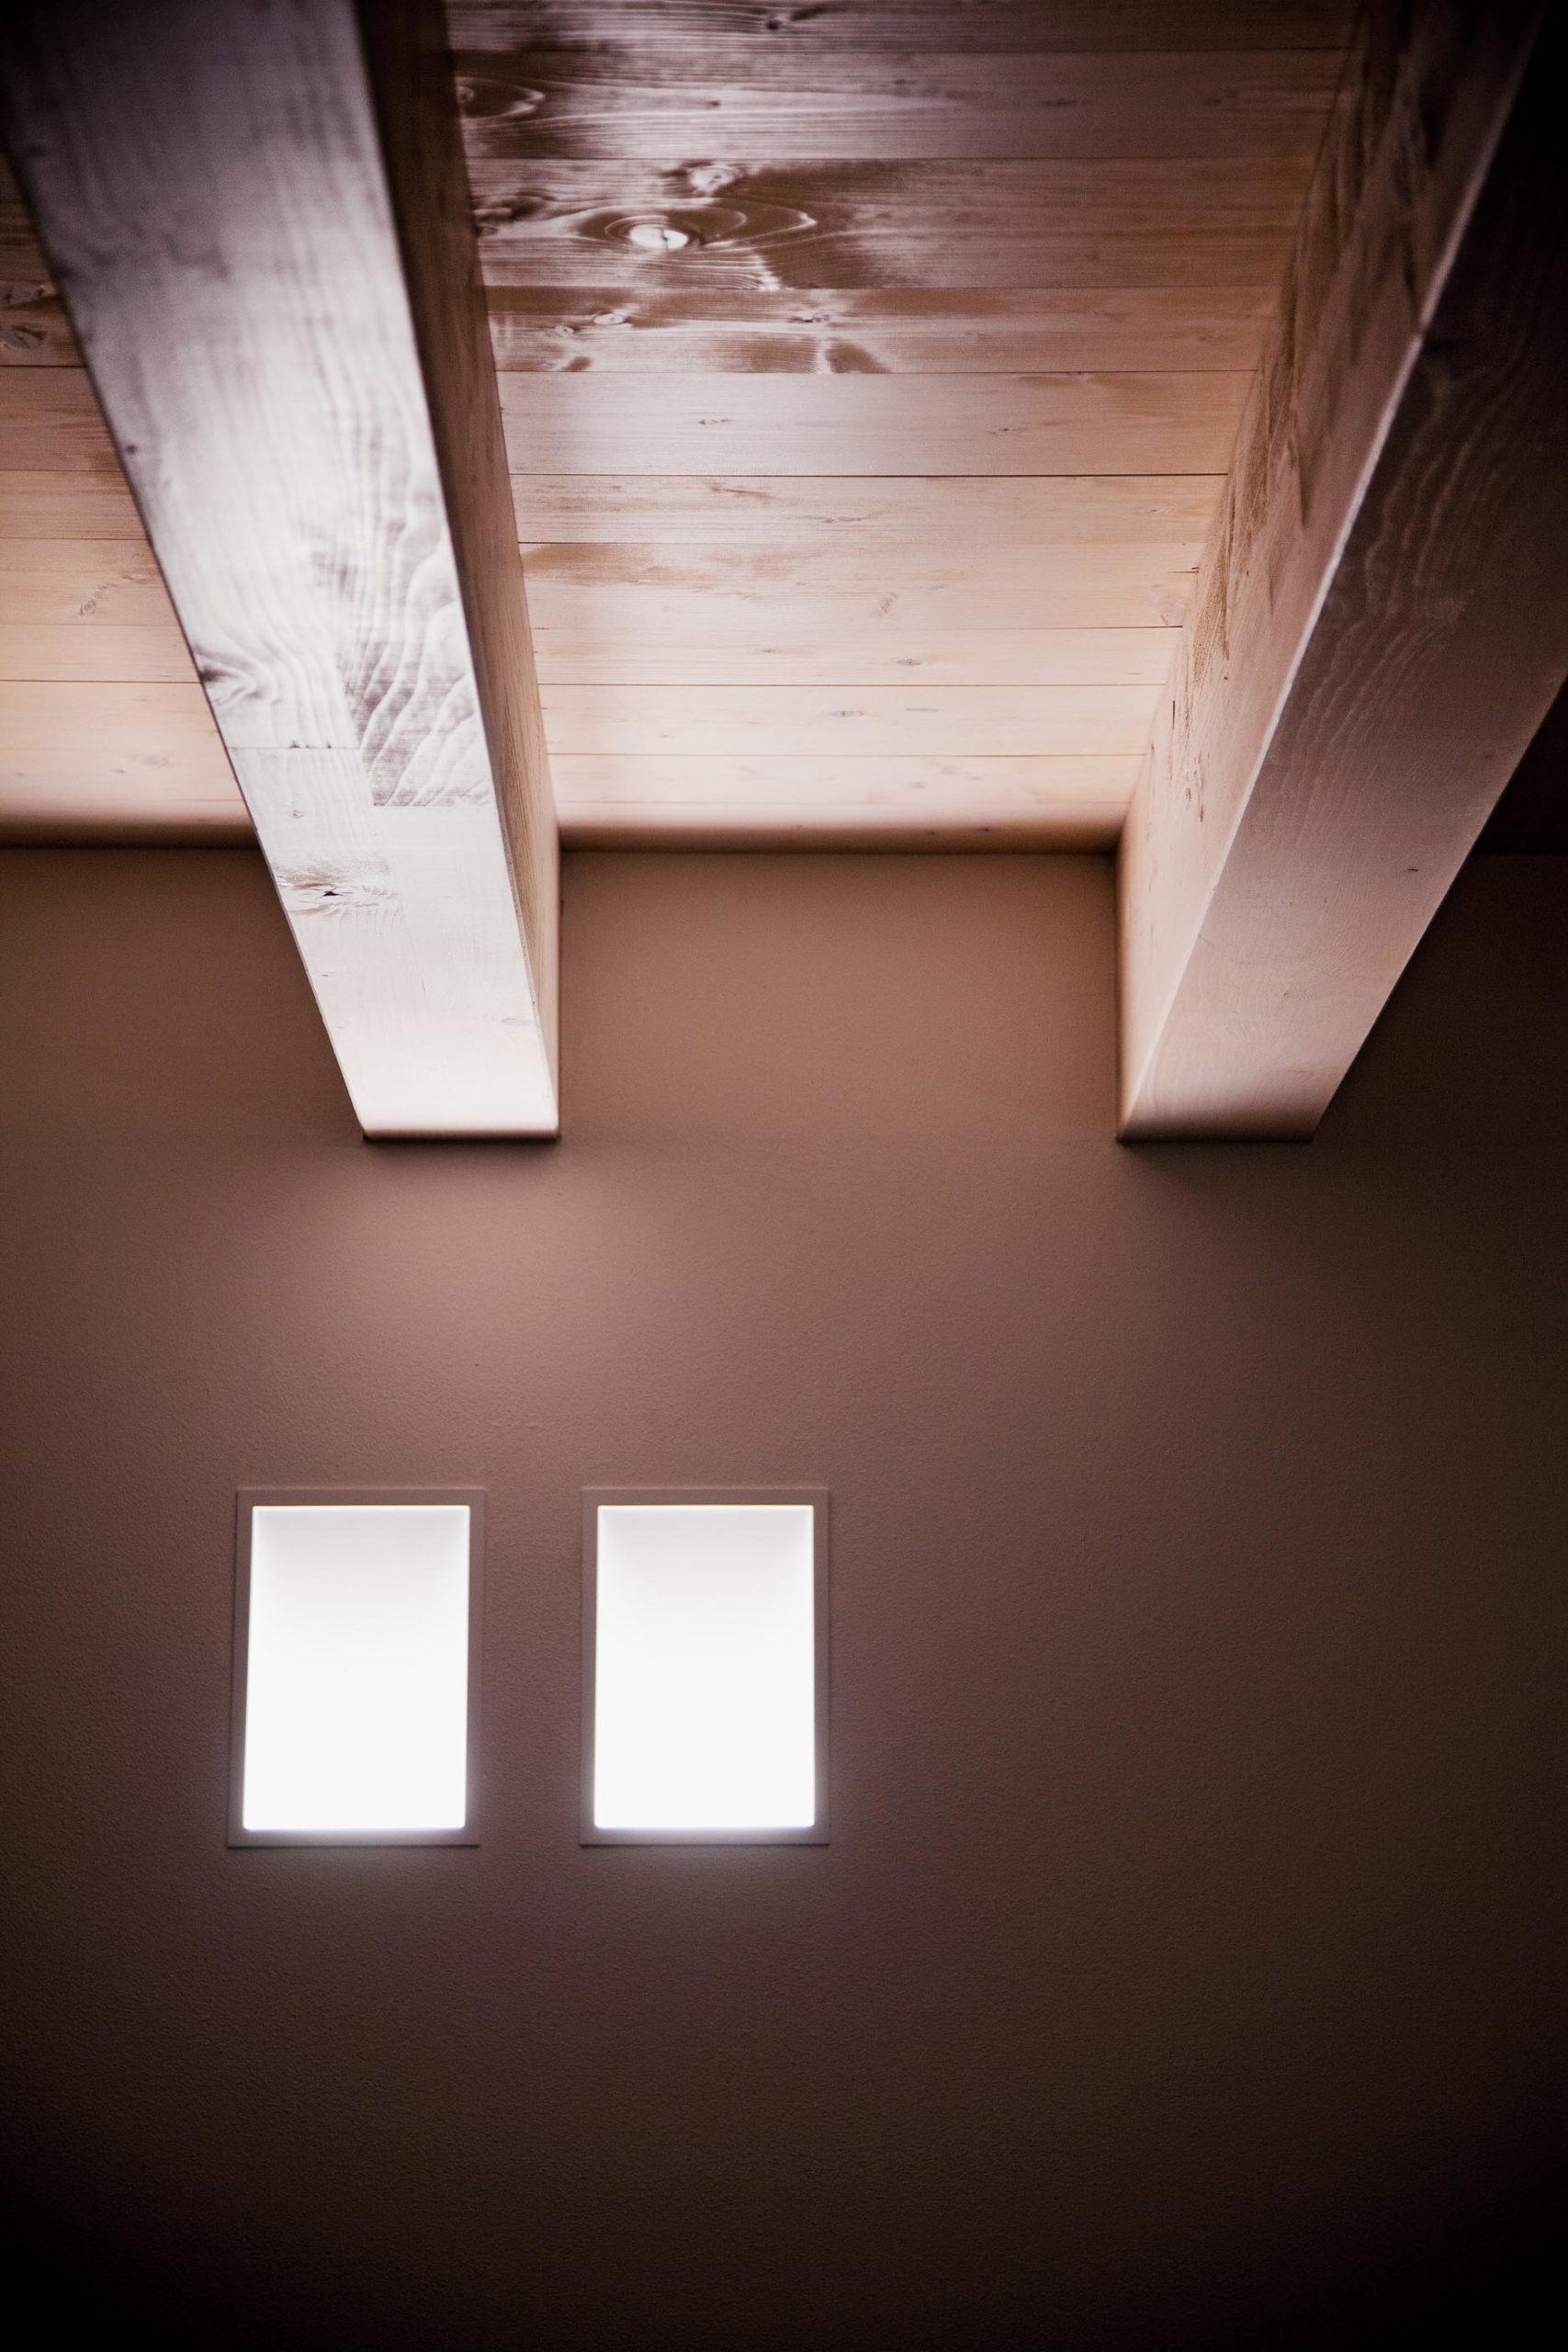 OLEV_WALL_crivel (8)_lampada_led_incasso_parete